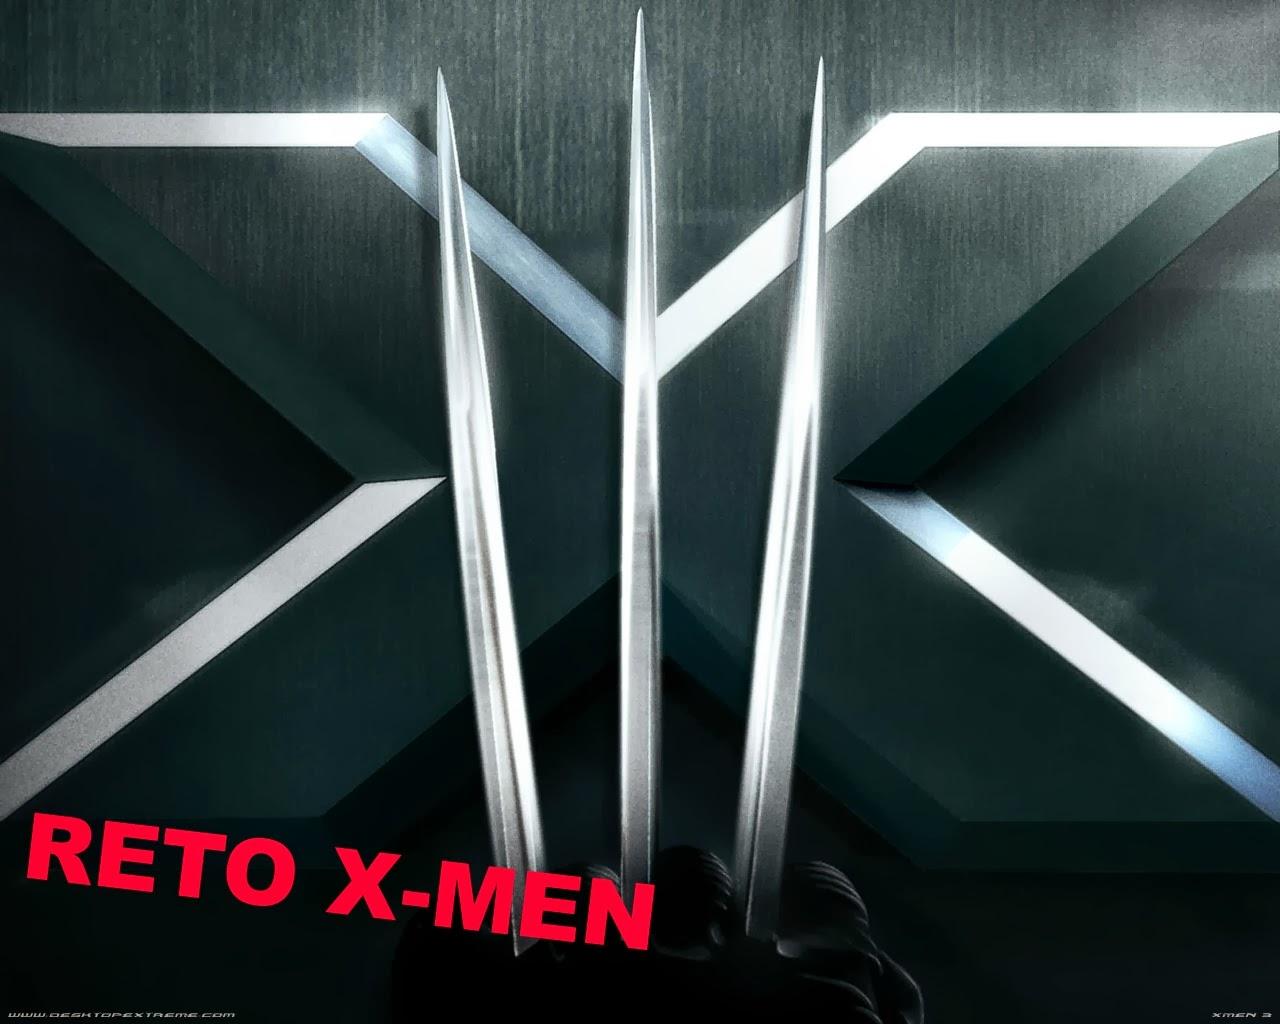 Reto X-men